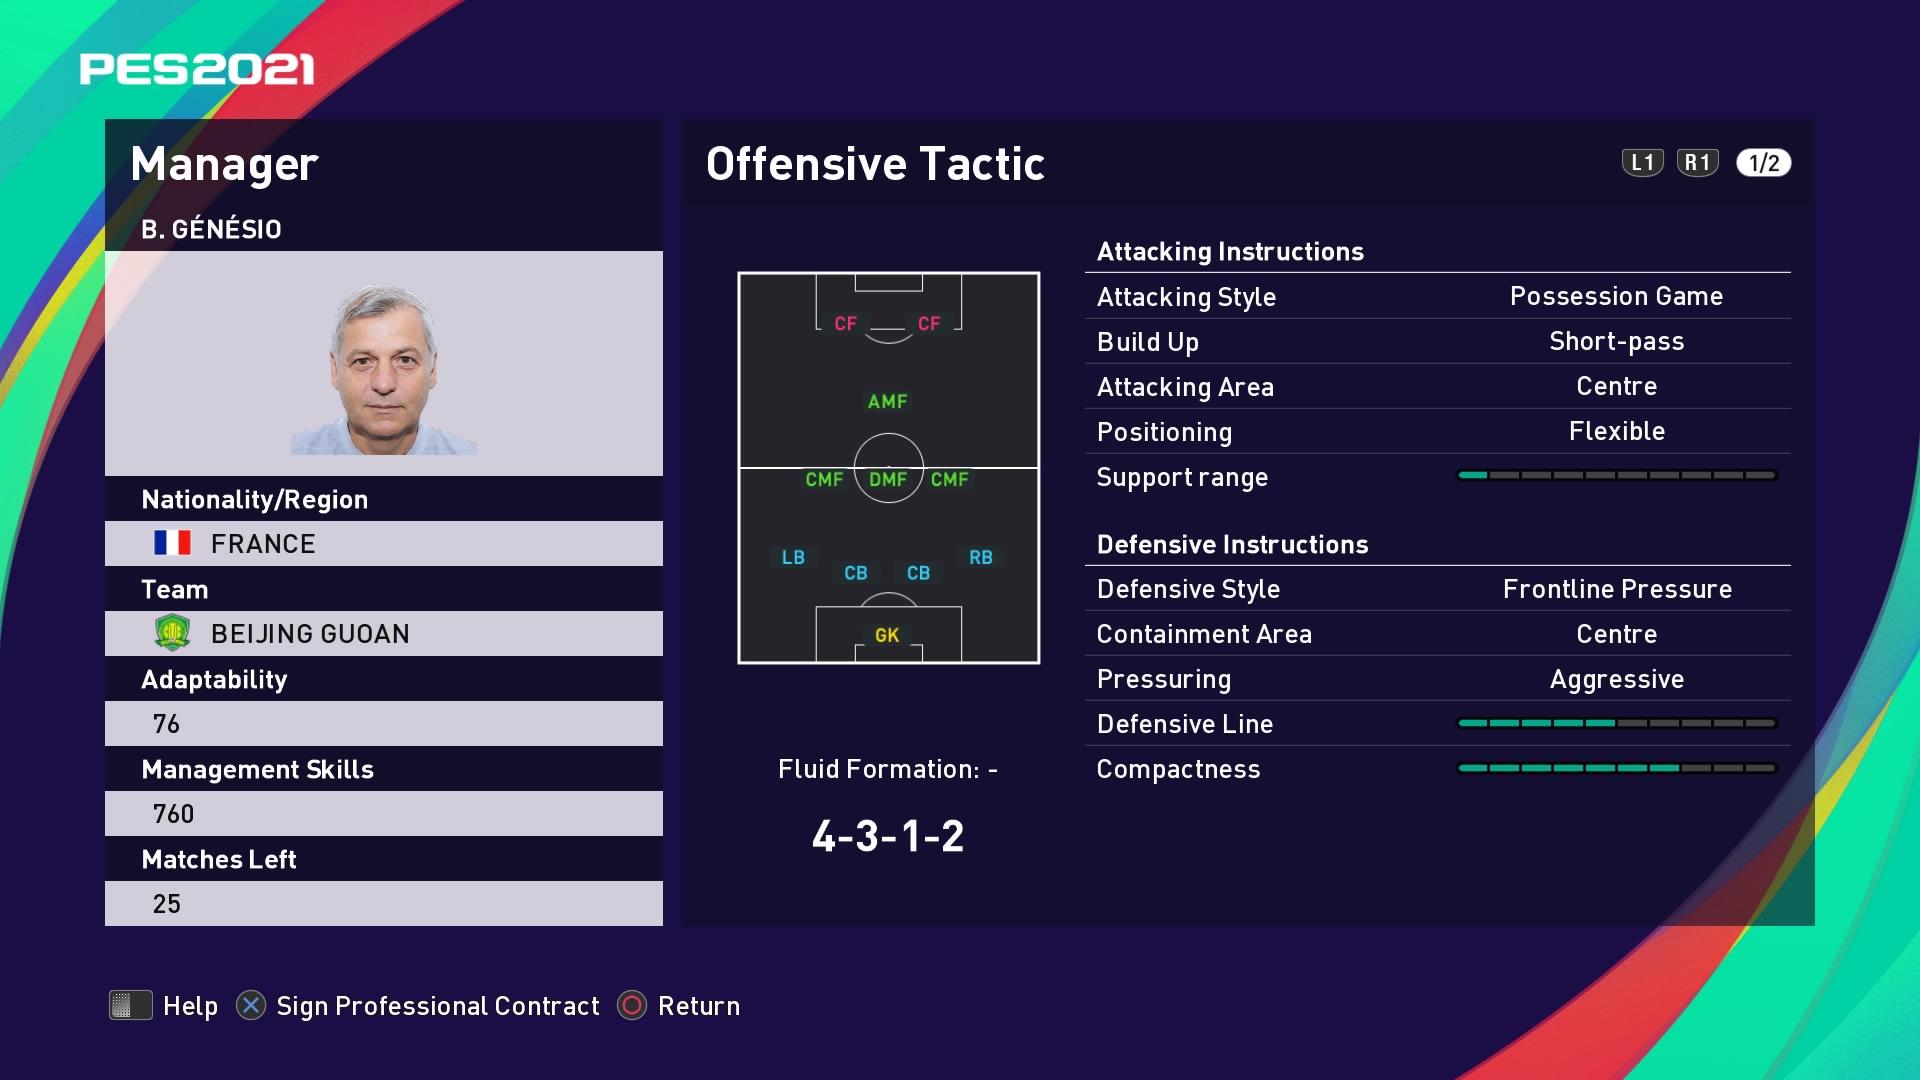 B. Génésio (Bruno Génésio) Offensive Tactic in PES 2021 myClub